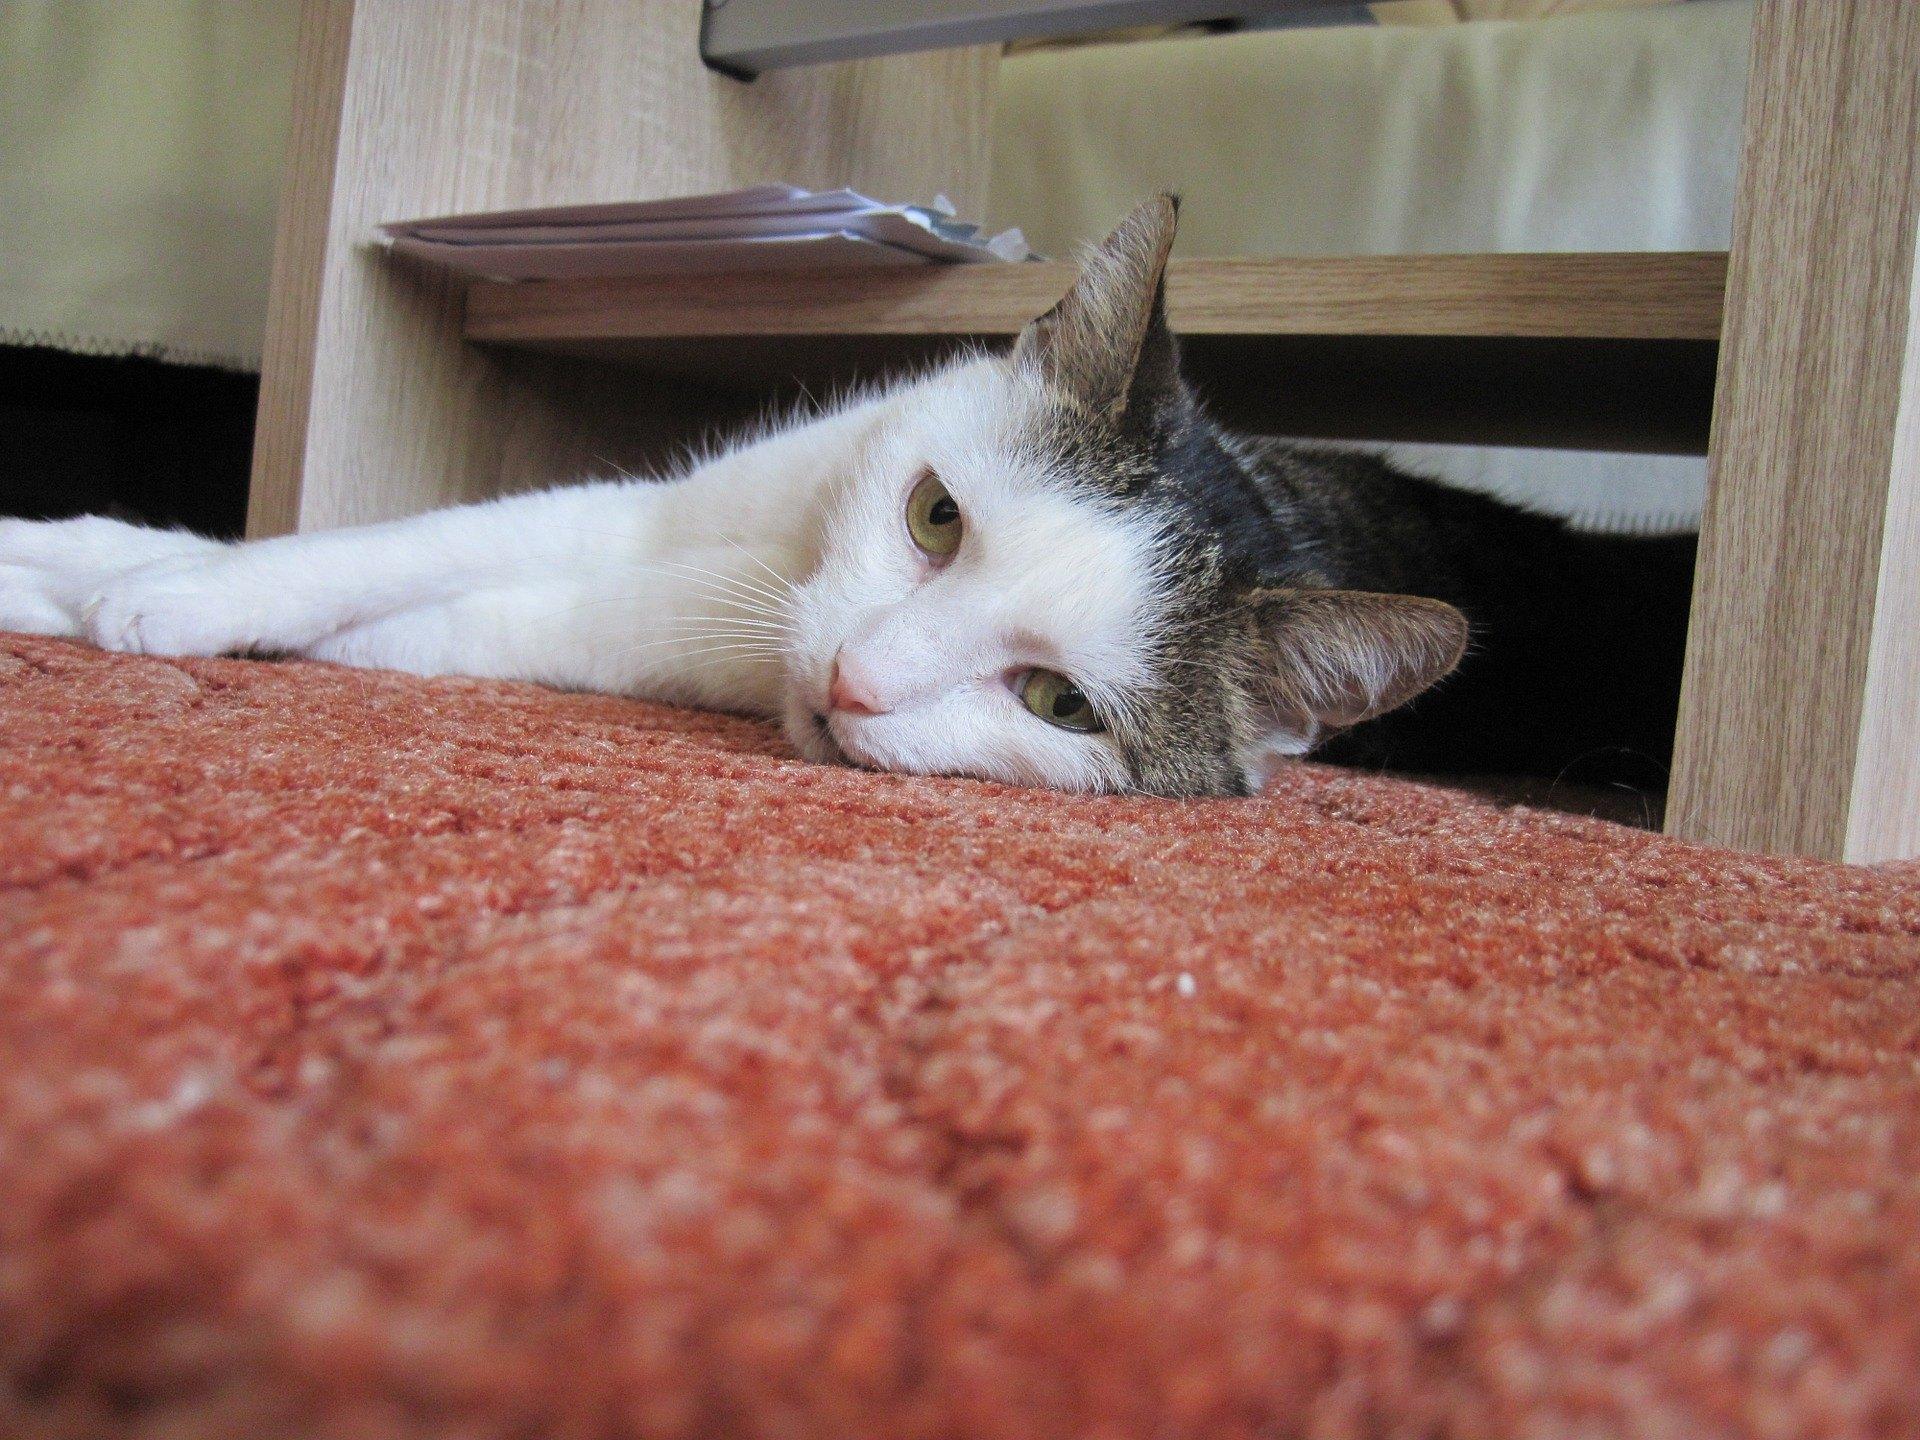 Appetitlosigkeit bei Katzen gefährdet ihre Gesundheit. Auch kurzfristiges Fasten führt zu Leberschäden.